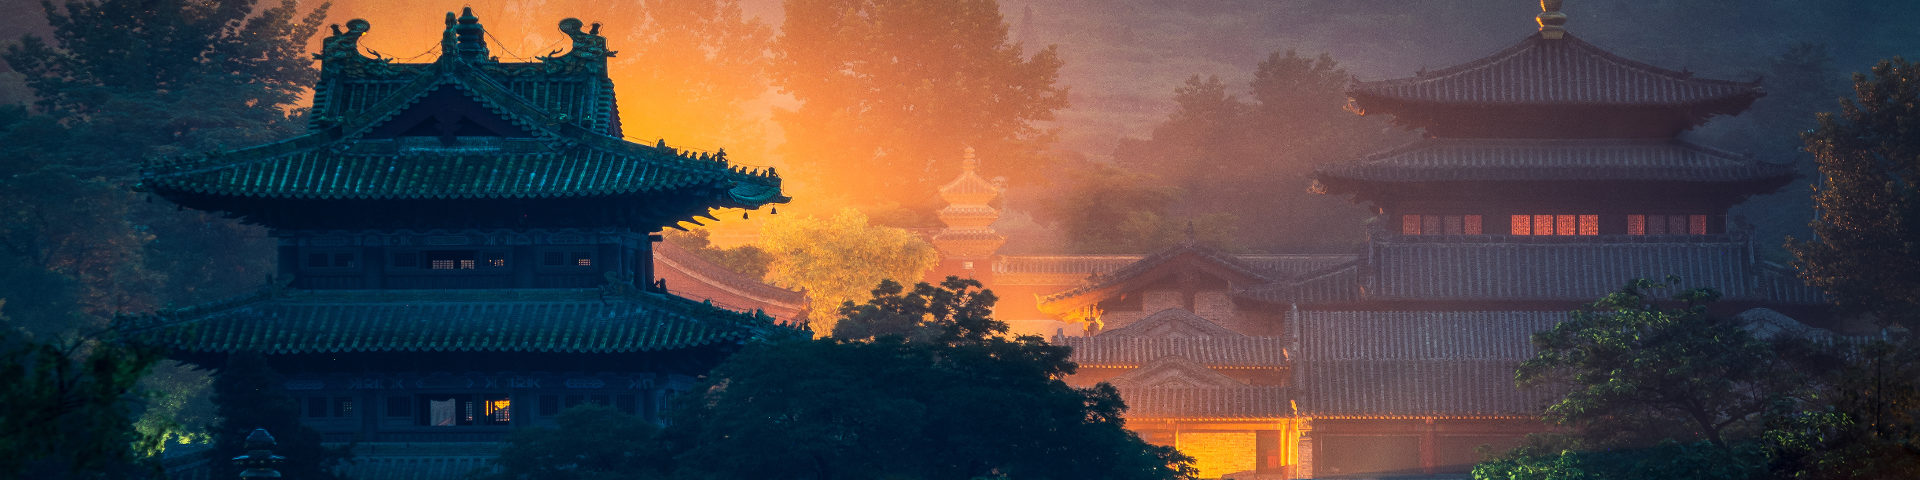 Zhengzhou hero banner 1